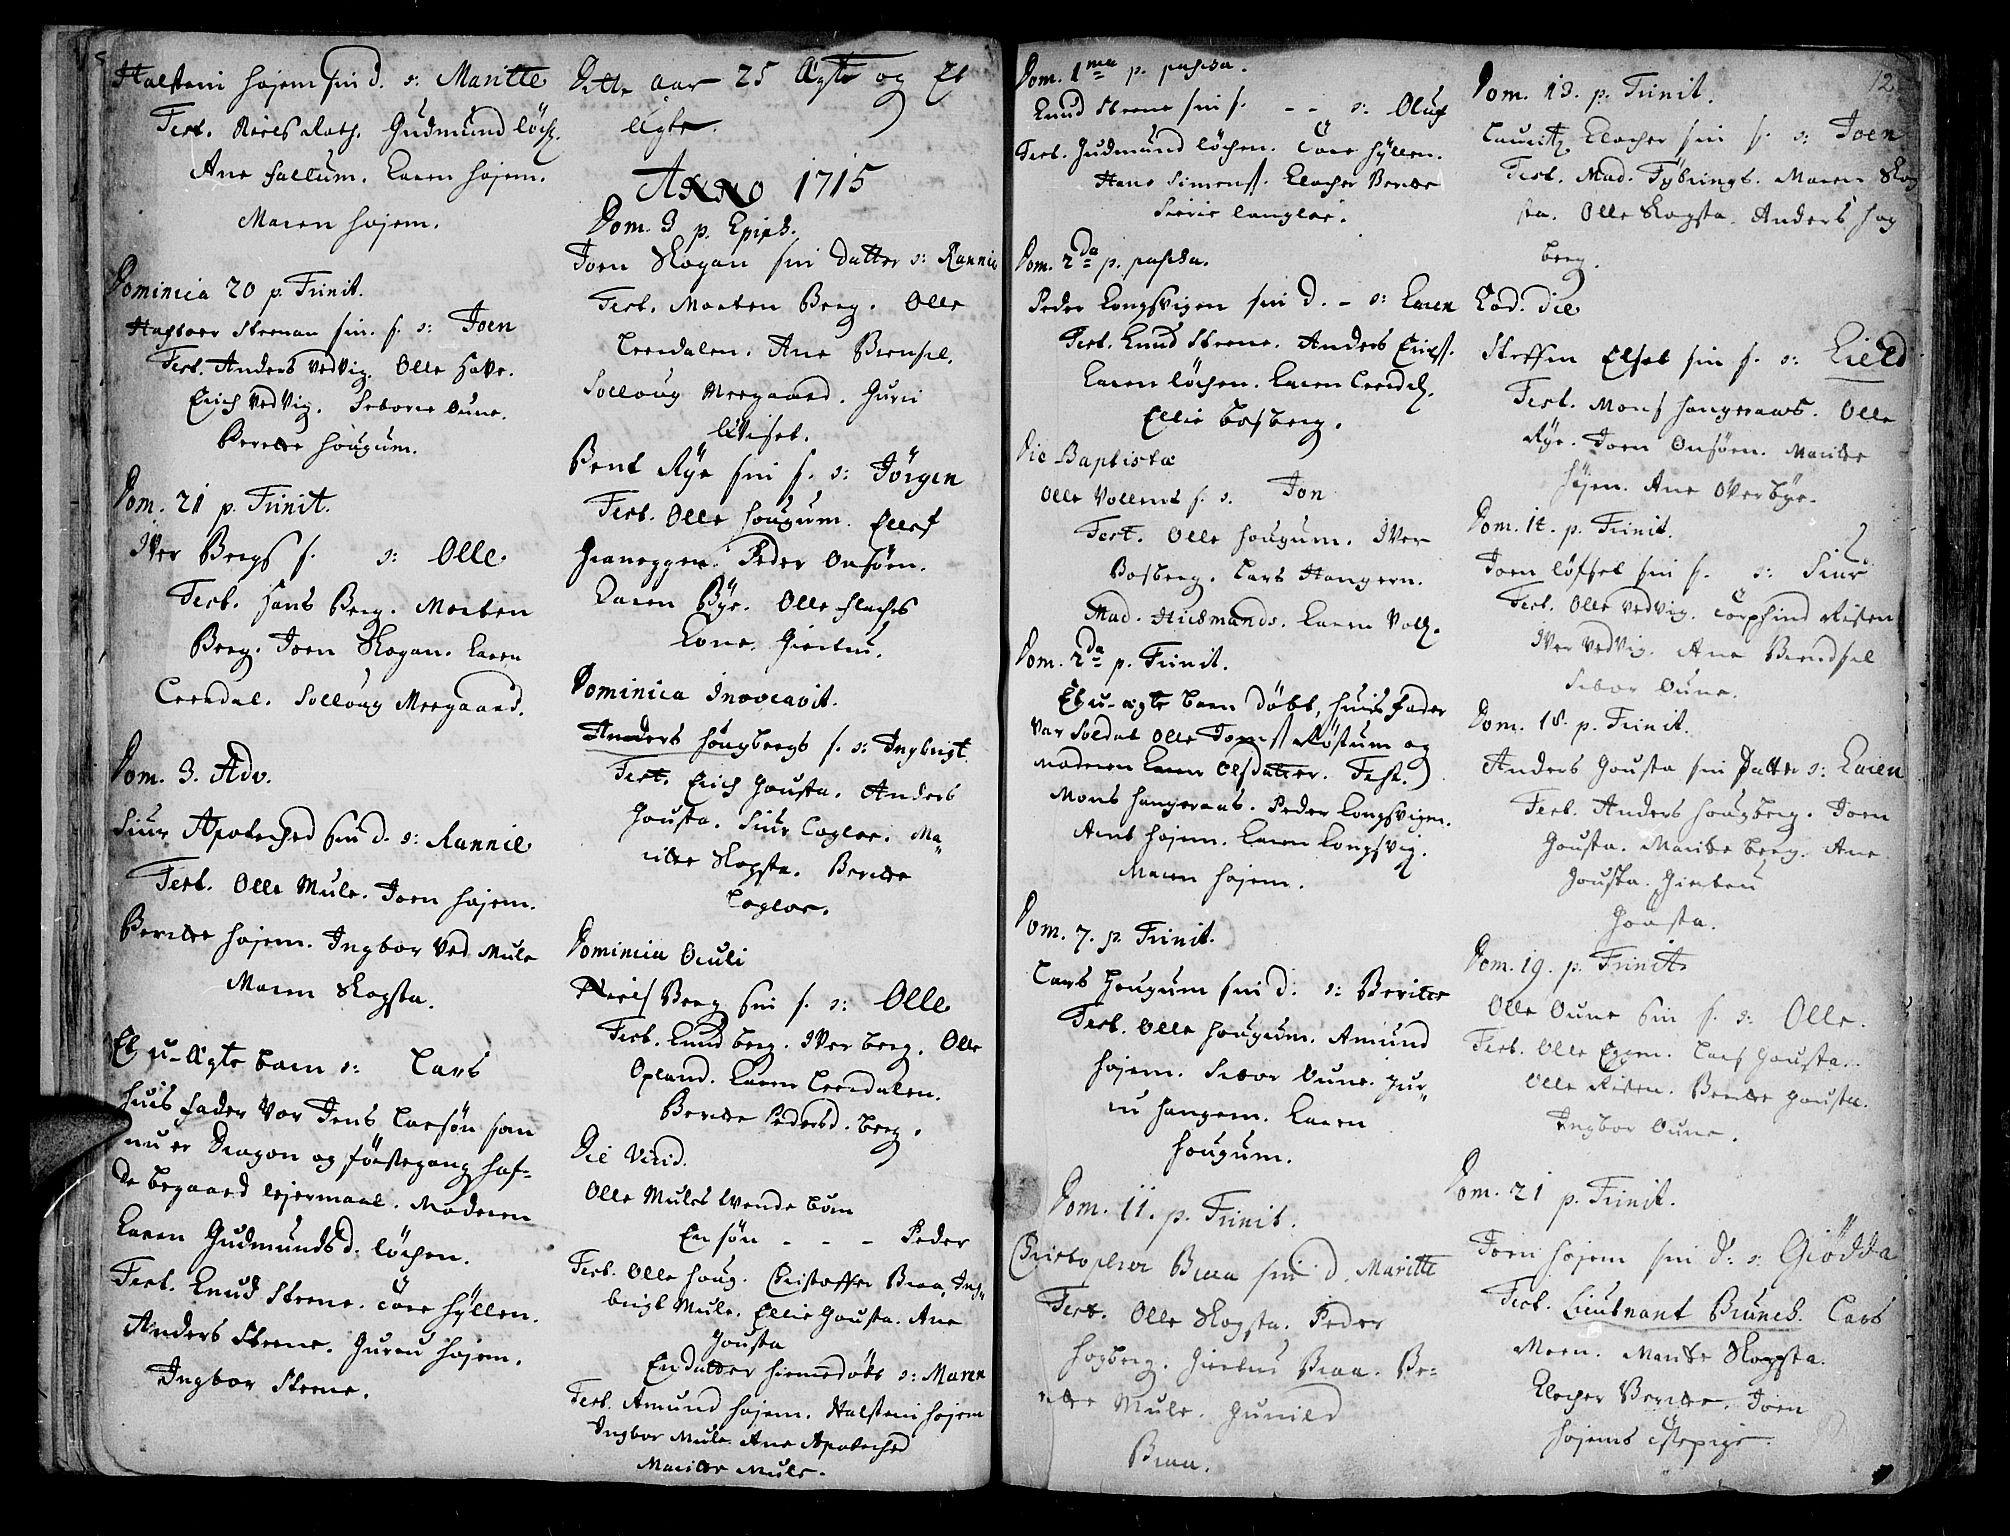 SAT, Ministerialprotokoller, klokkerbøker og fødselsregistre - Sør-Trøndelag, 612/L0368: Ministerialbok nr. 612A02, 1702-1753, s. 12